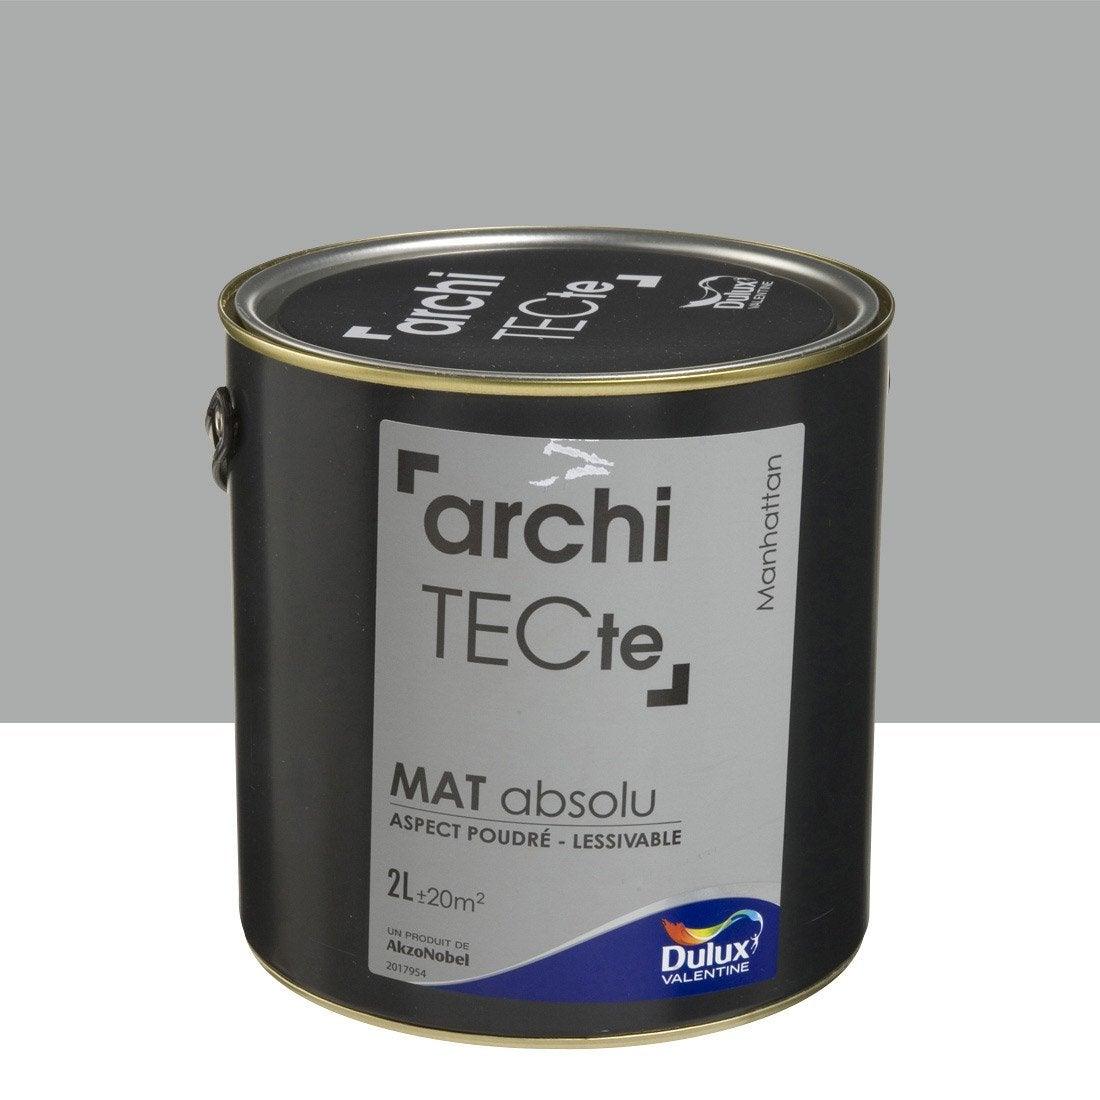 Peinture gris manhattan dulux valentine architecte 2 l for Peinture dulux valentine gris